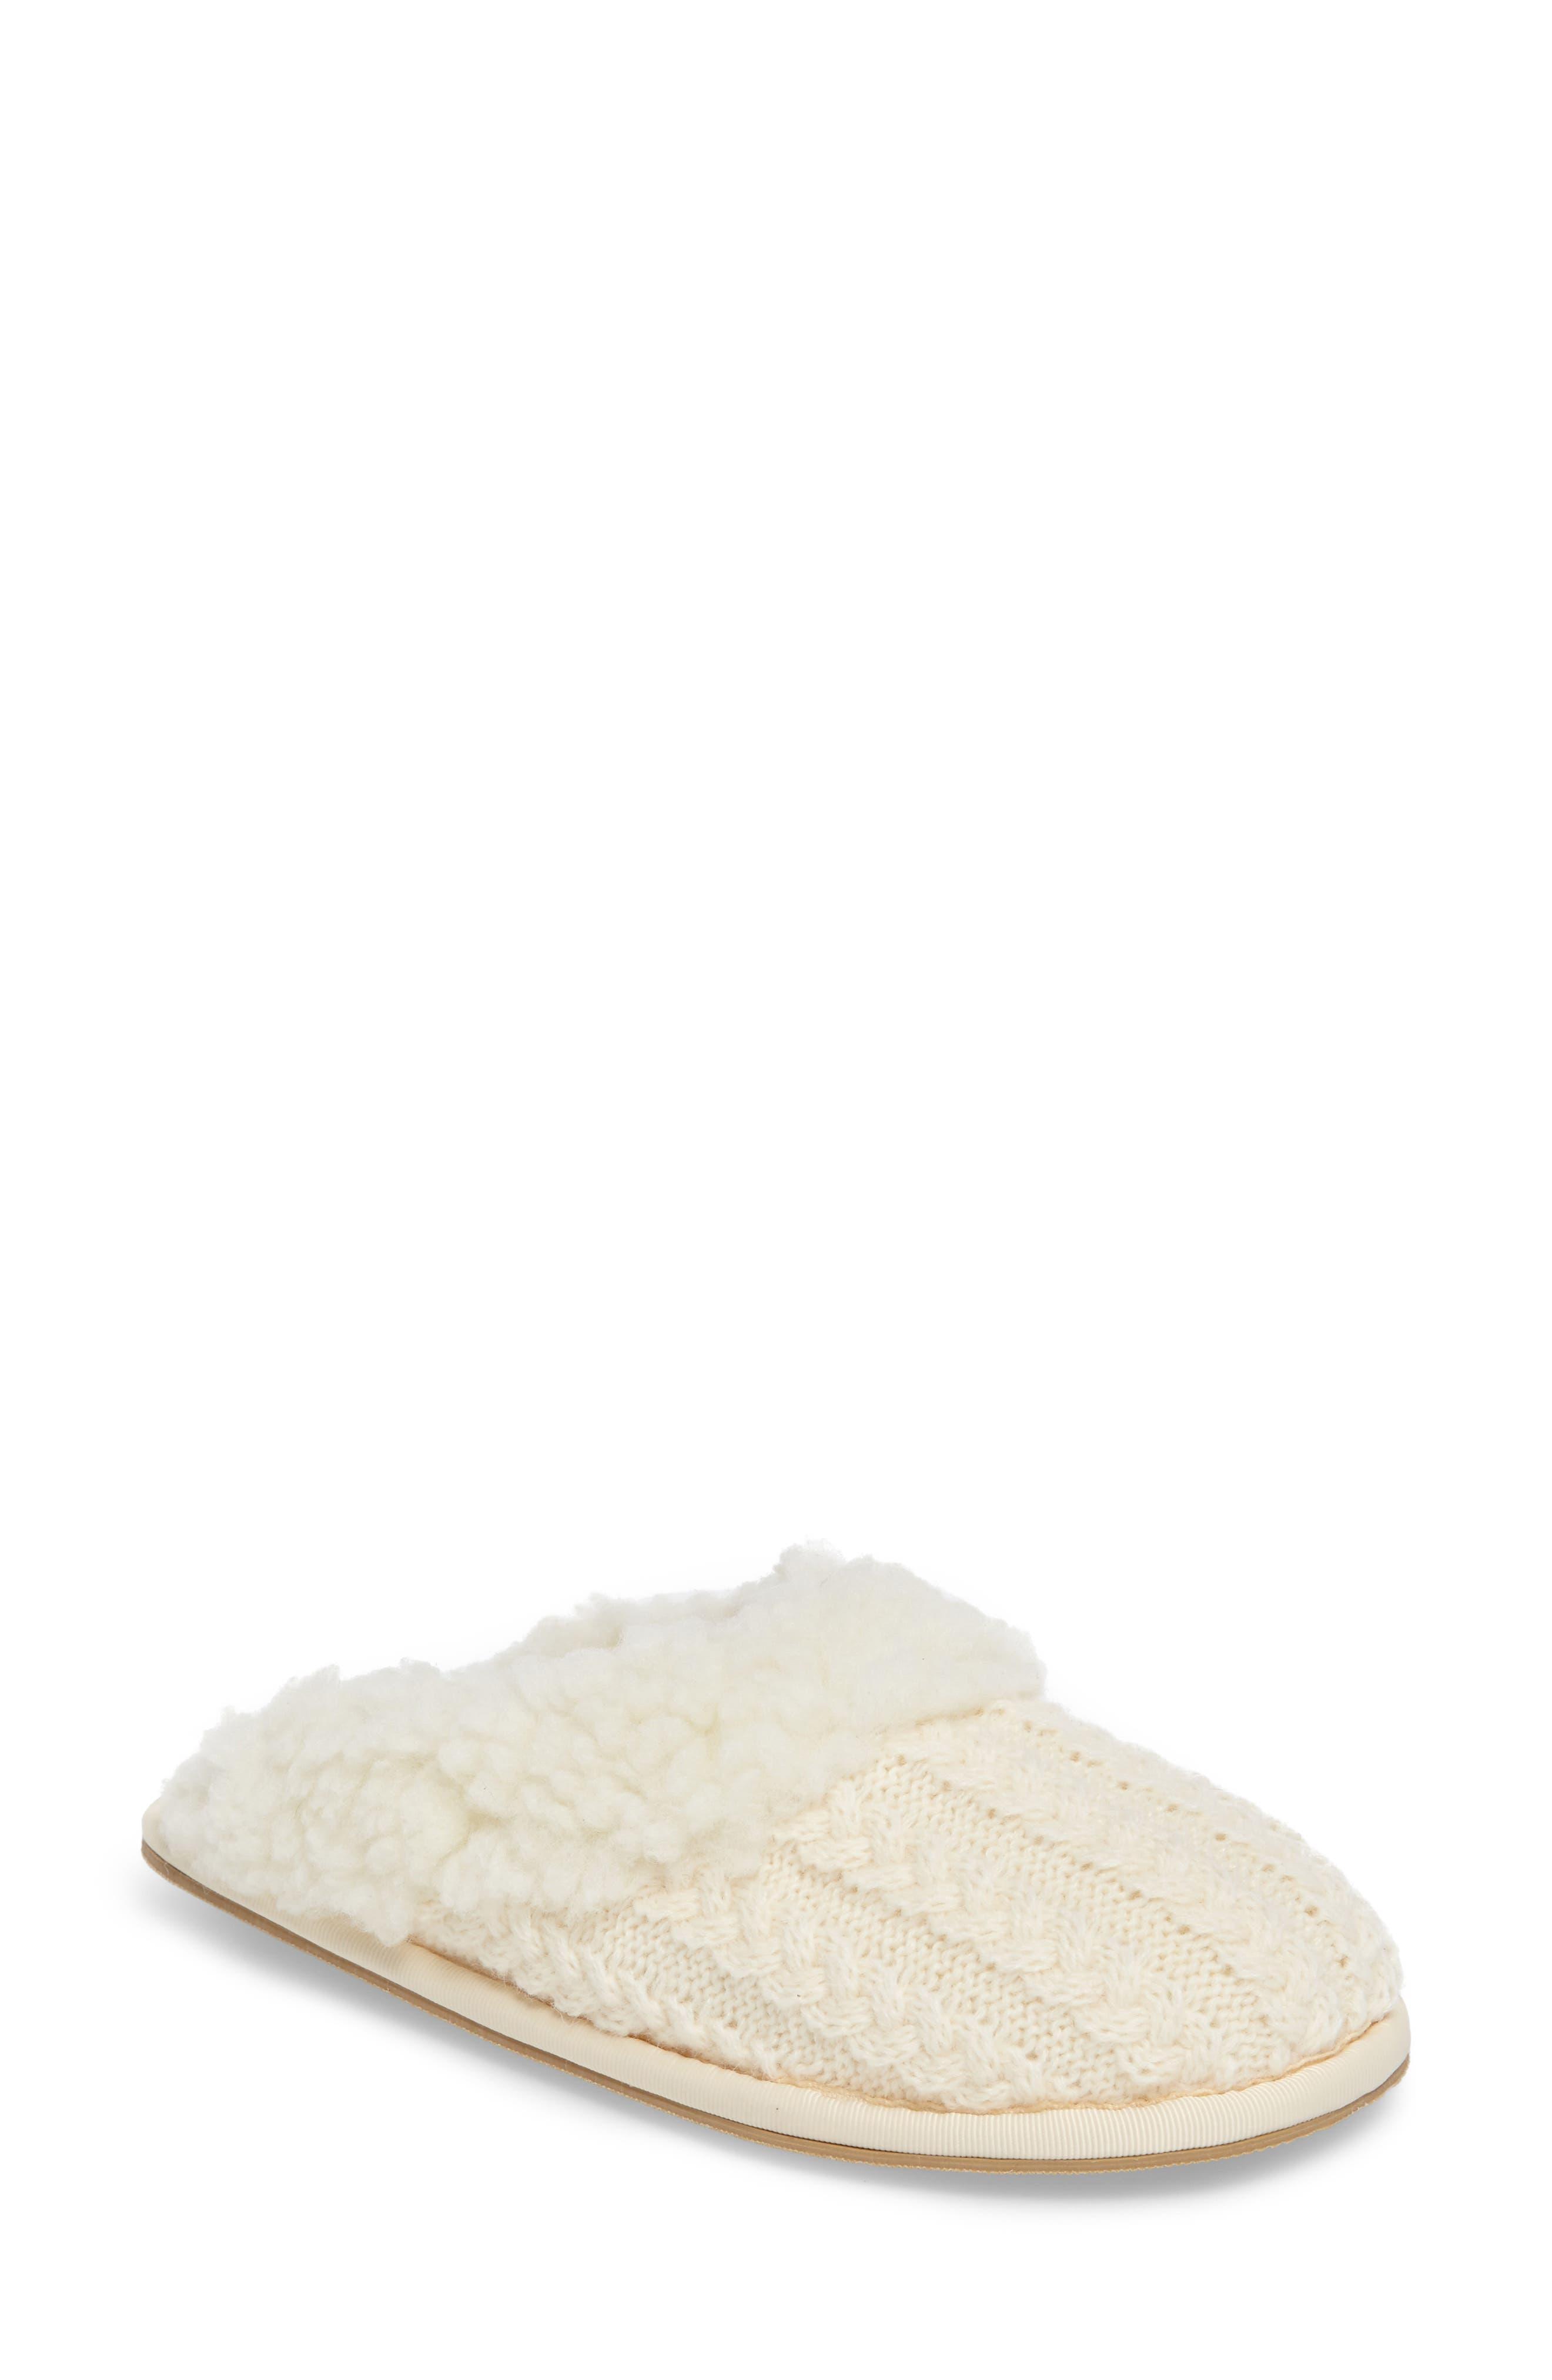 patricia green Celia Cable Knit Slipper (Women)